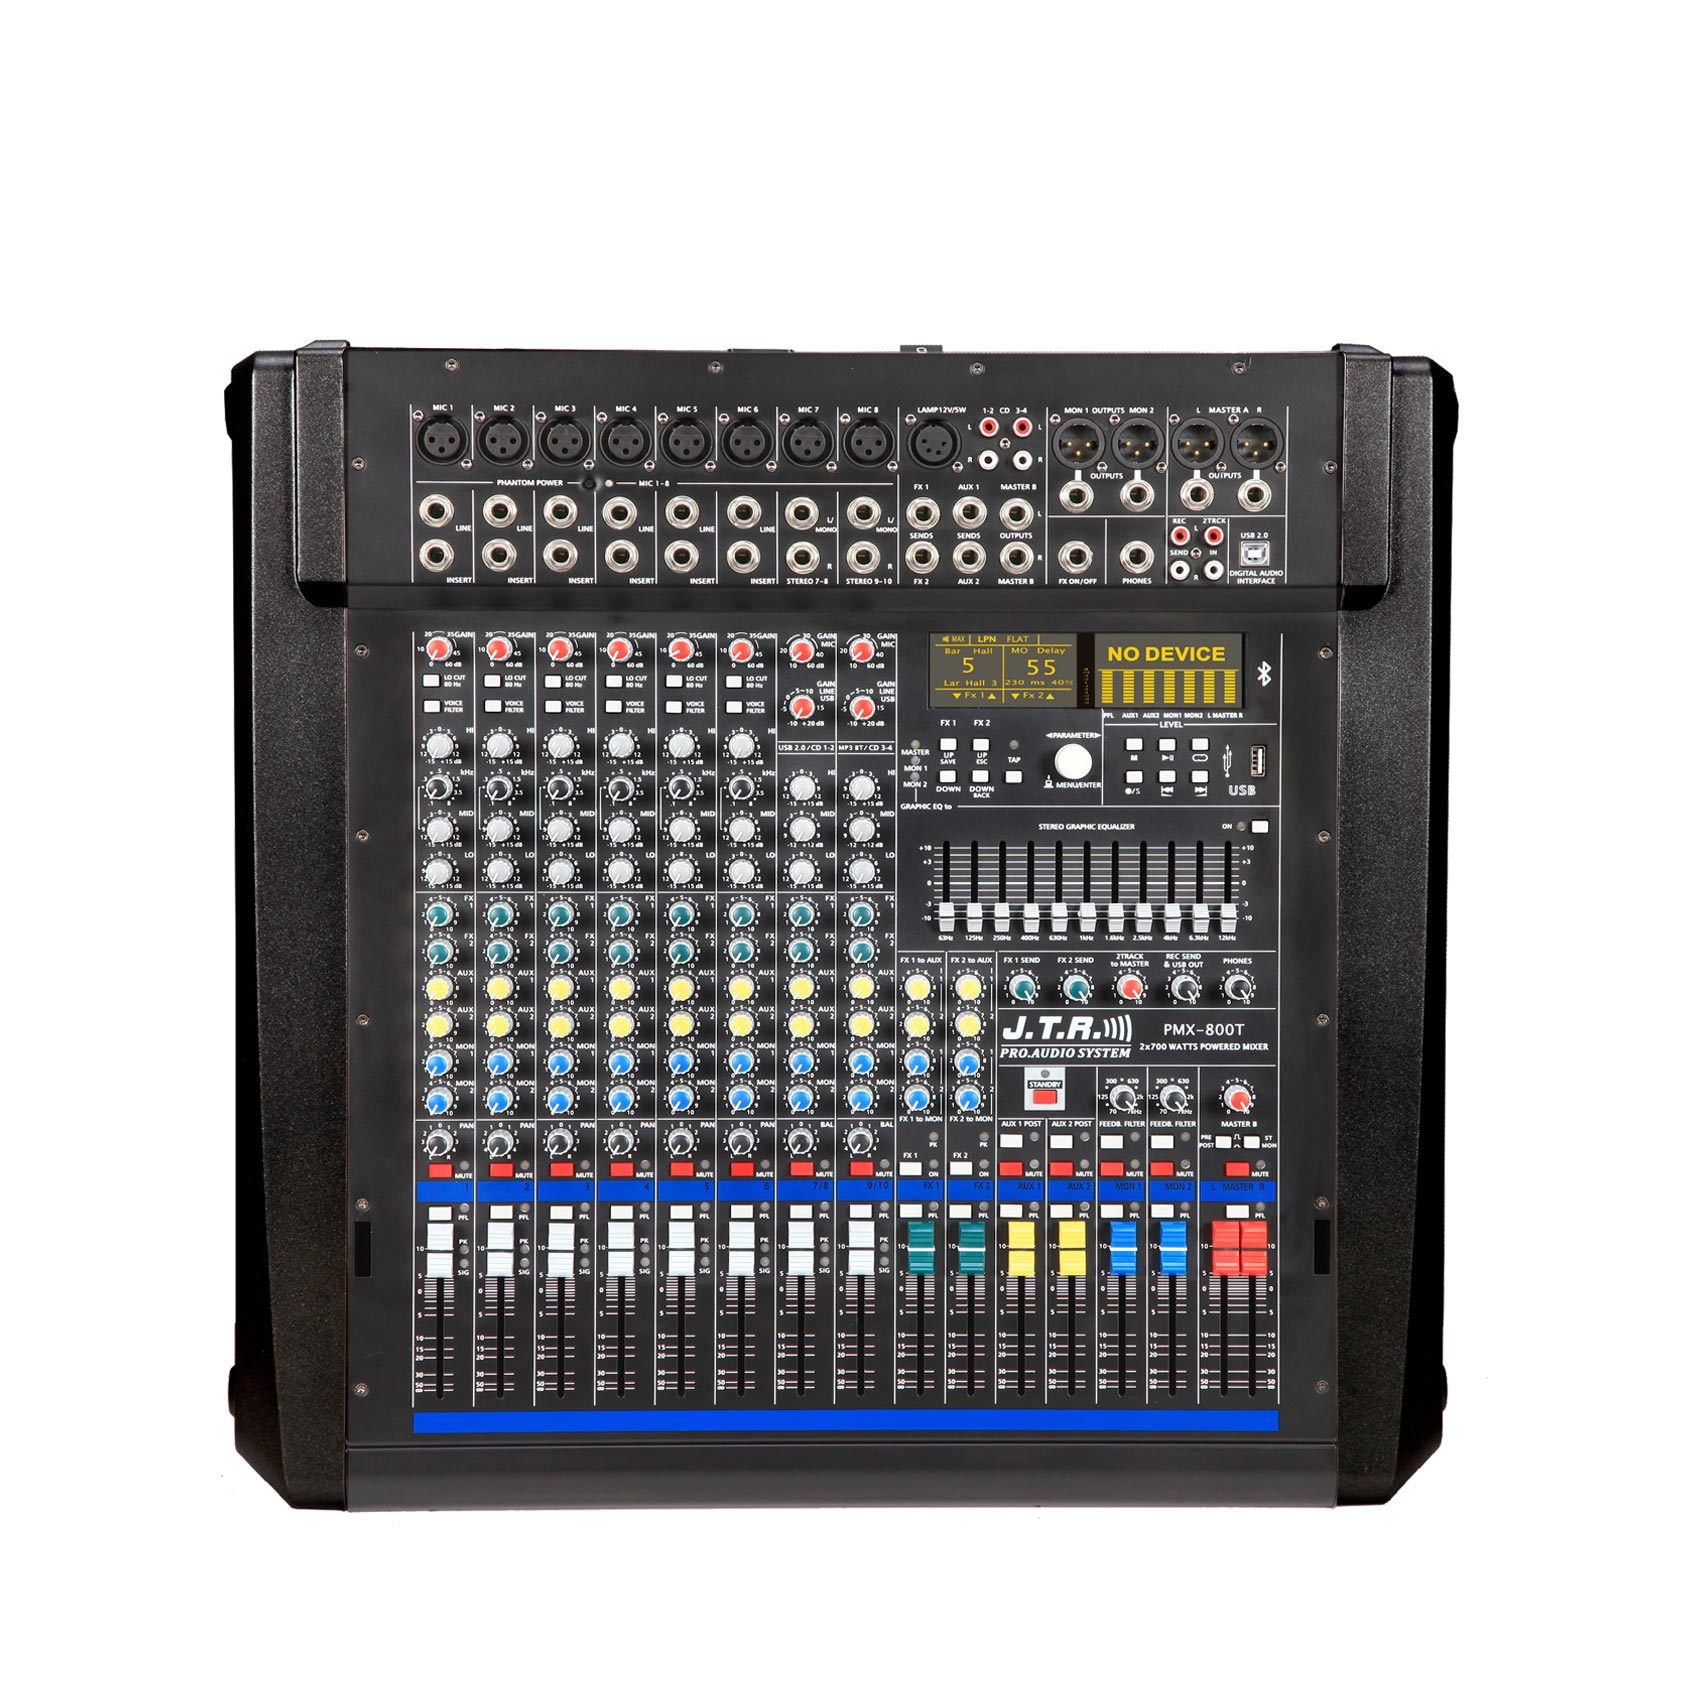 PMX-800T